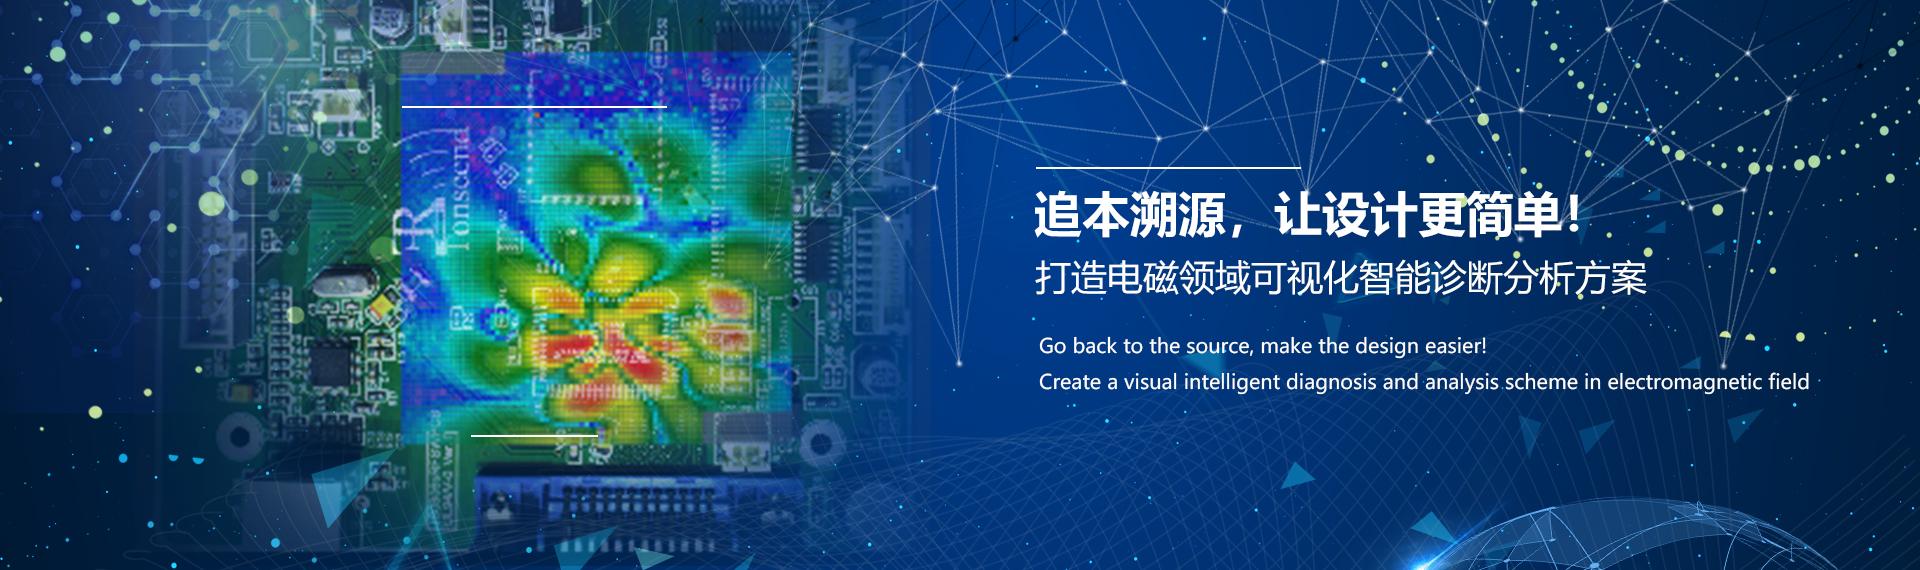 揚芯科技(深圳)有限公司公司介紹